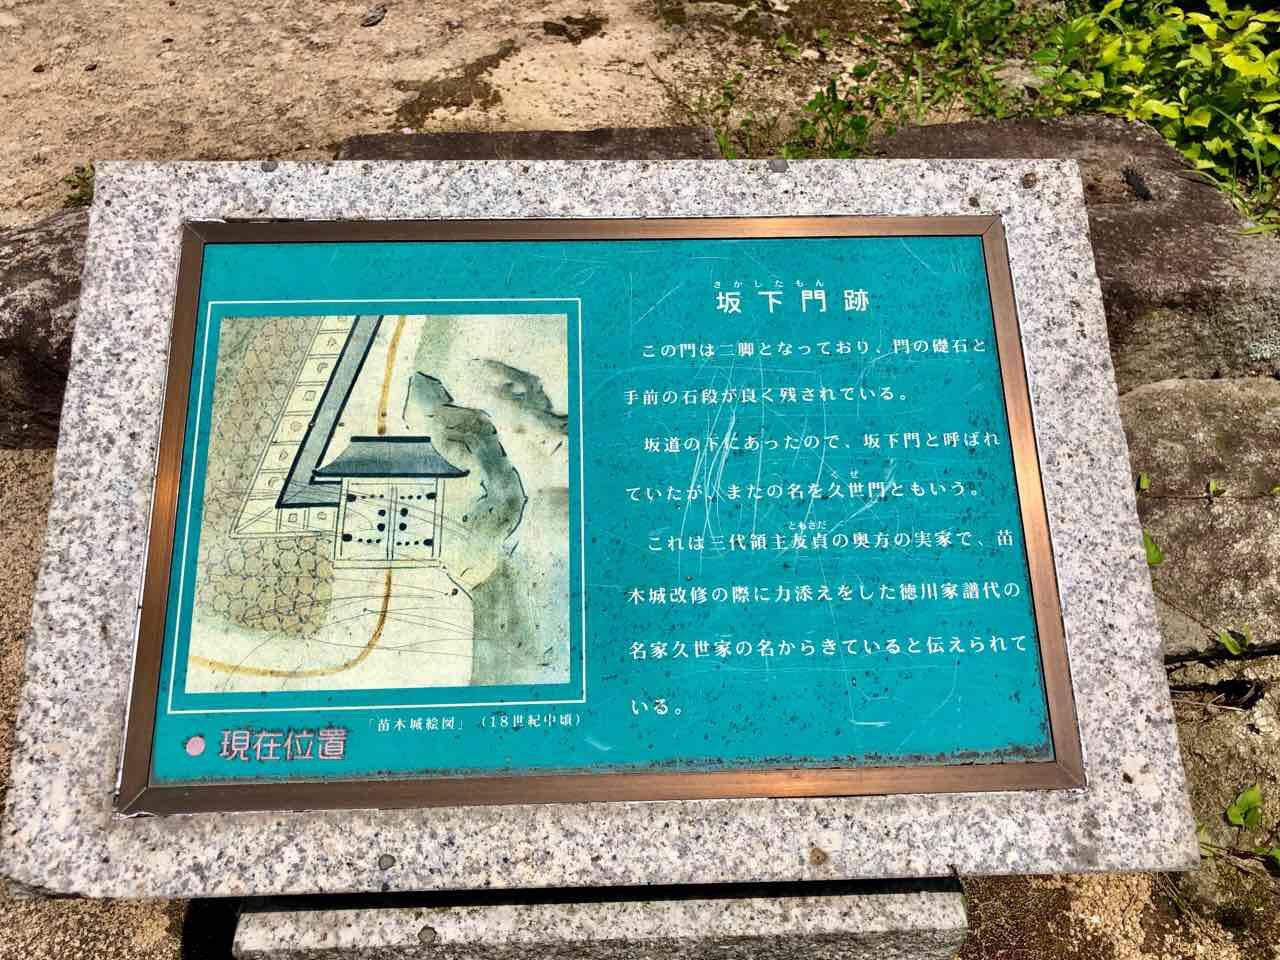 苗木城の坂下門跡の説明